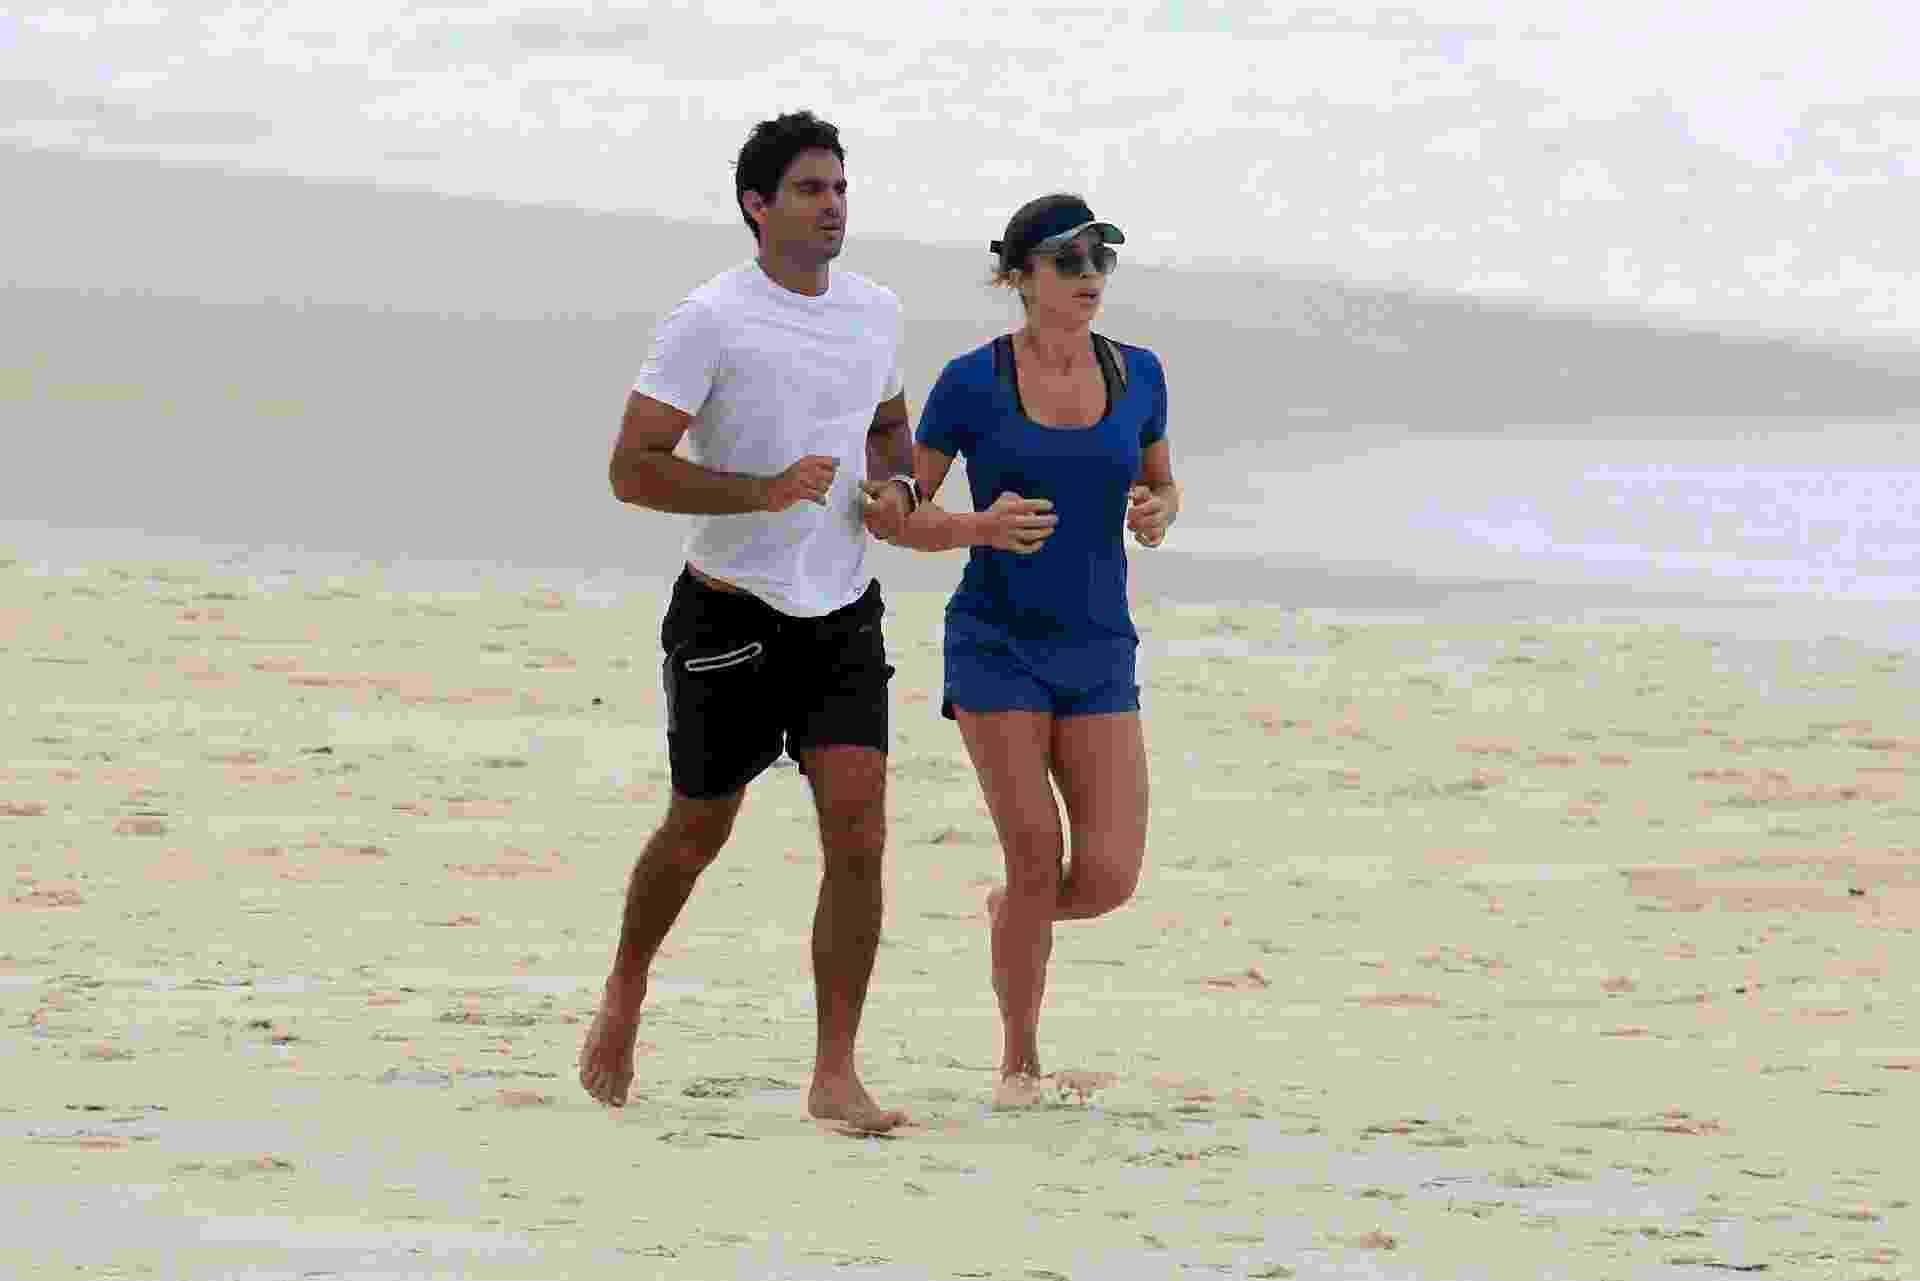 Grazi correu na areia da praia de São Conrado, zona sul do Rio, com o namorado, o empresário Patrick Bulus - Ag.News